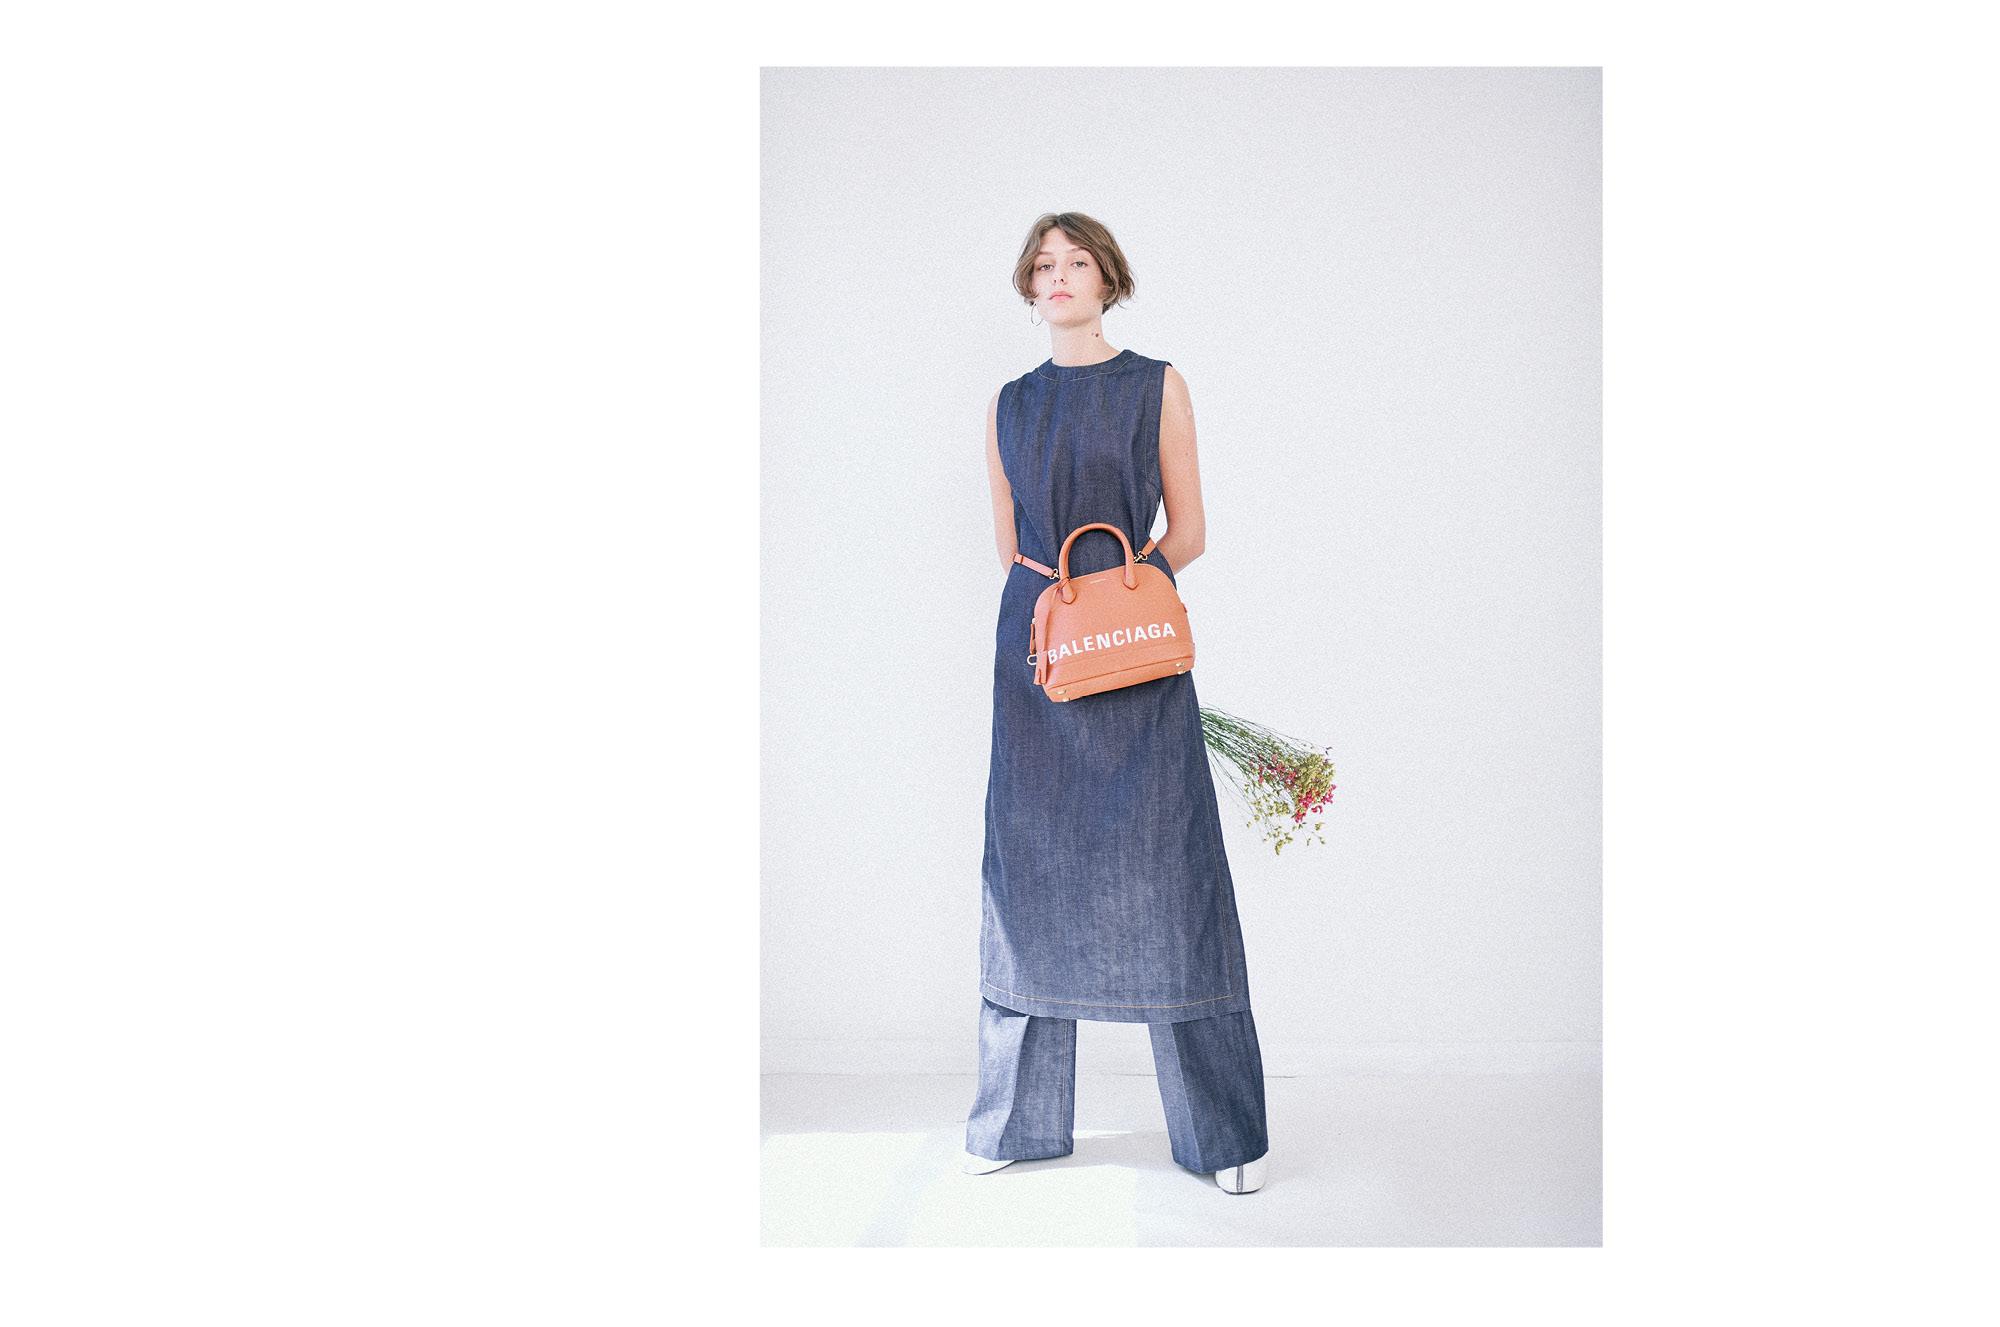 Dress & Pants: Hyke; Boots: Rag & Bone; Bag: Balenciaga